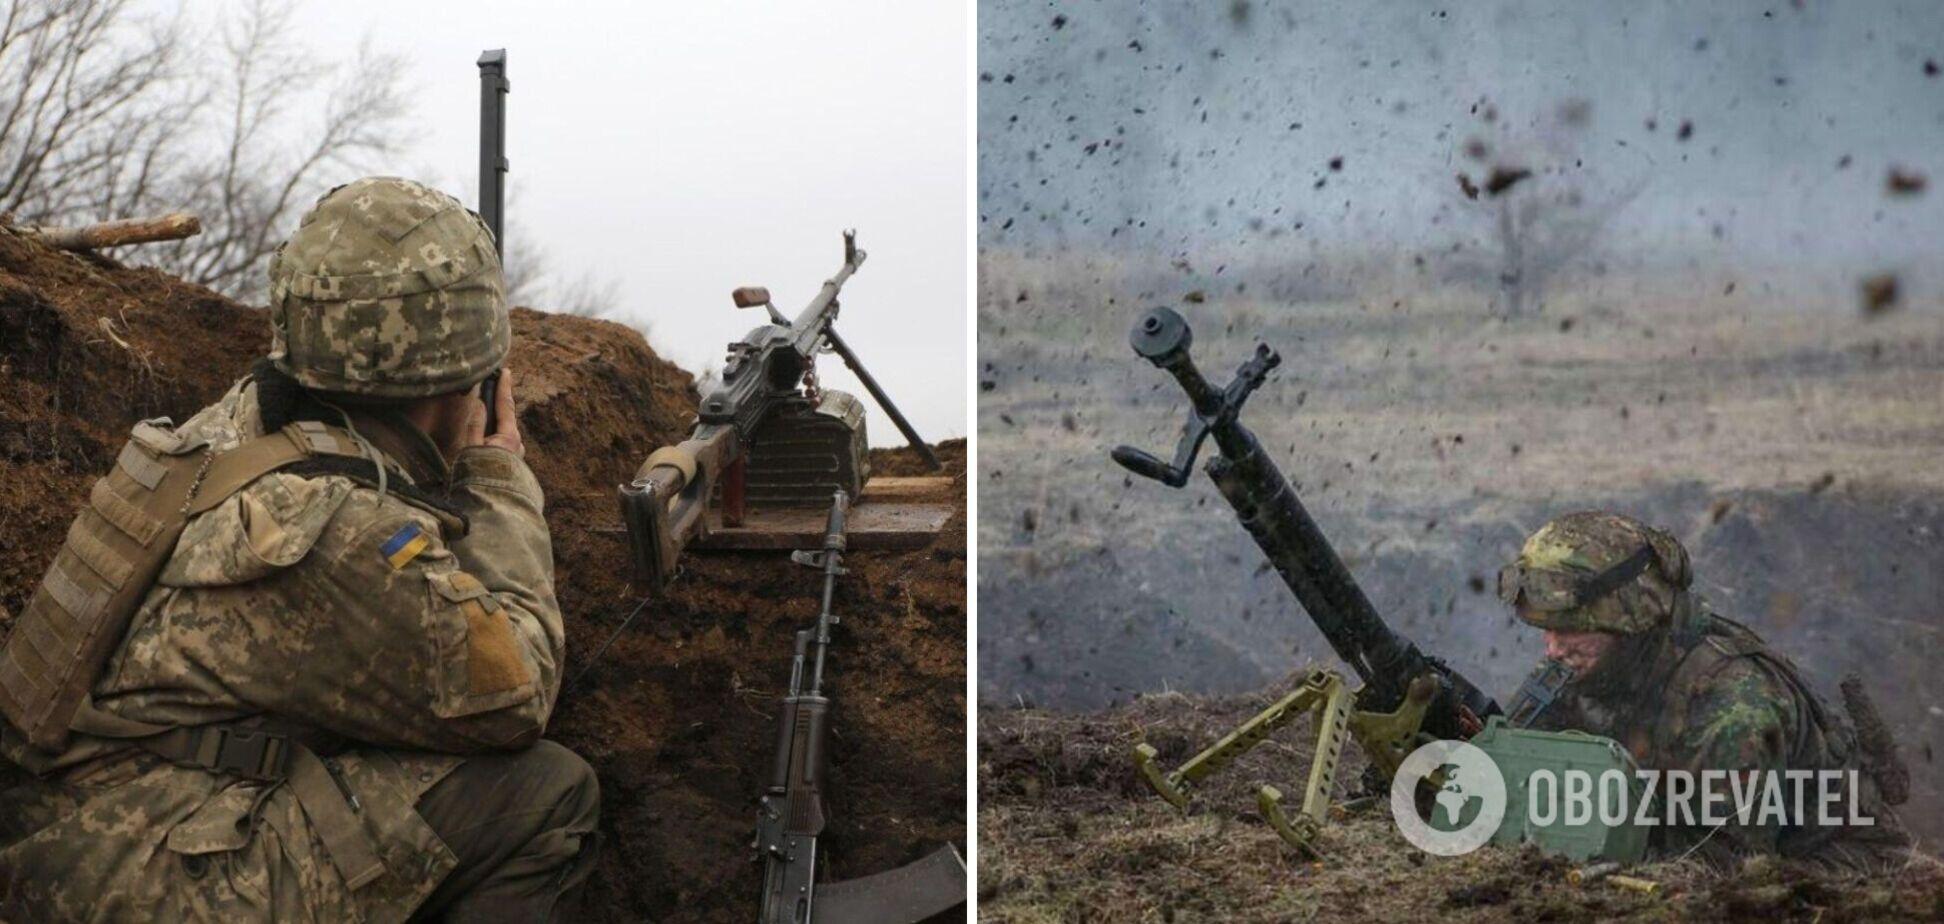 На Донбассе наемники РФ обстреляли позиции ВСУ из тяжелого вооружения